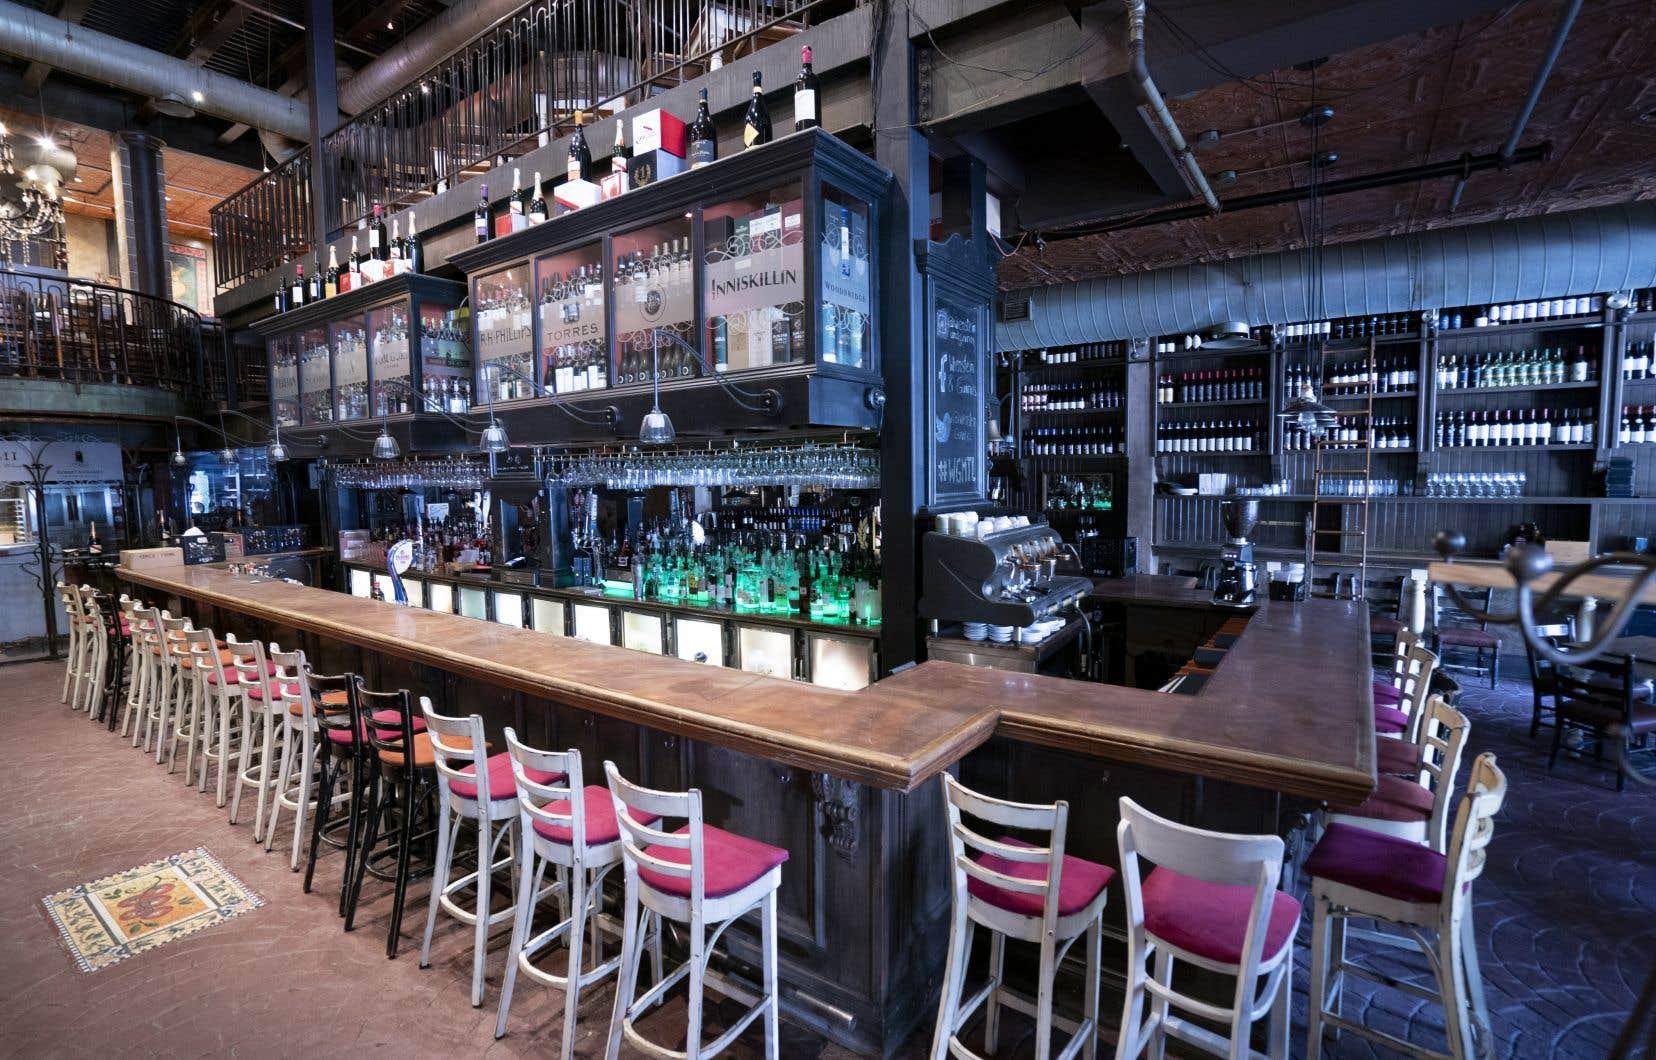 Au palier d'«alerte modérée», les restrictions augmenteront. On parle de fermeture des bars et des salles à manger dans les restaurants, qui devront se limiter aux commandes à emporter.